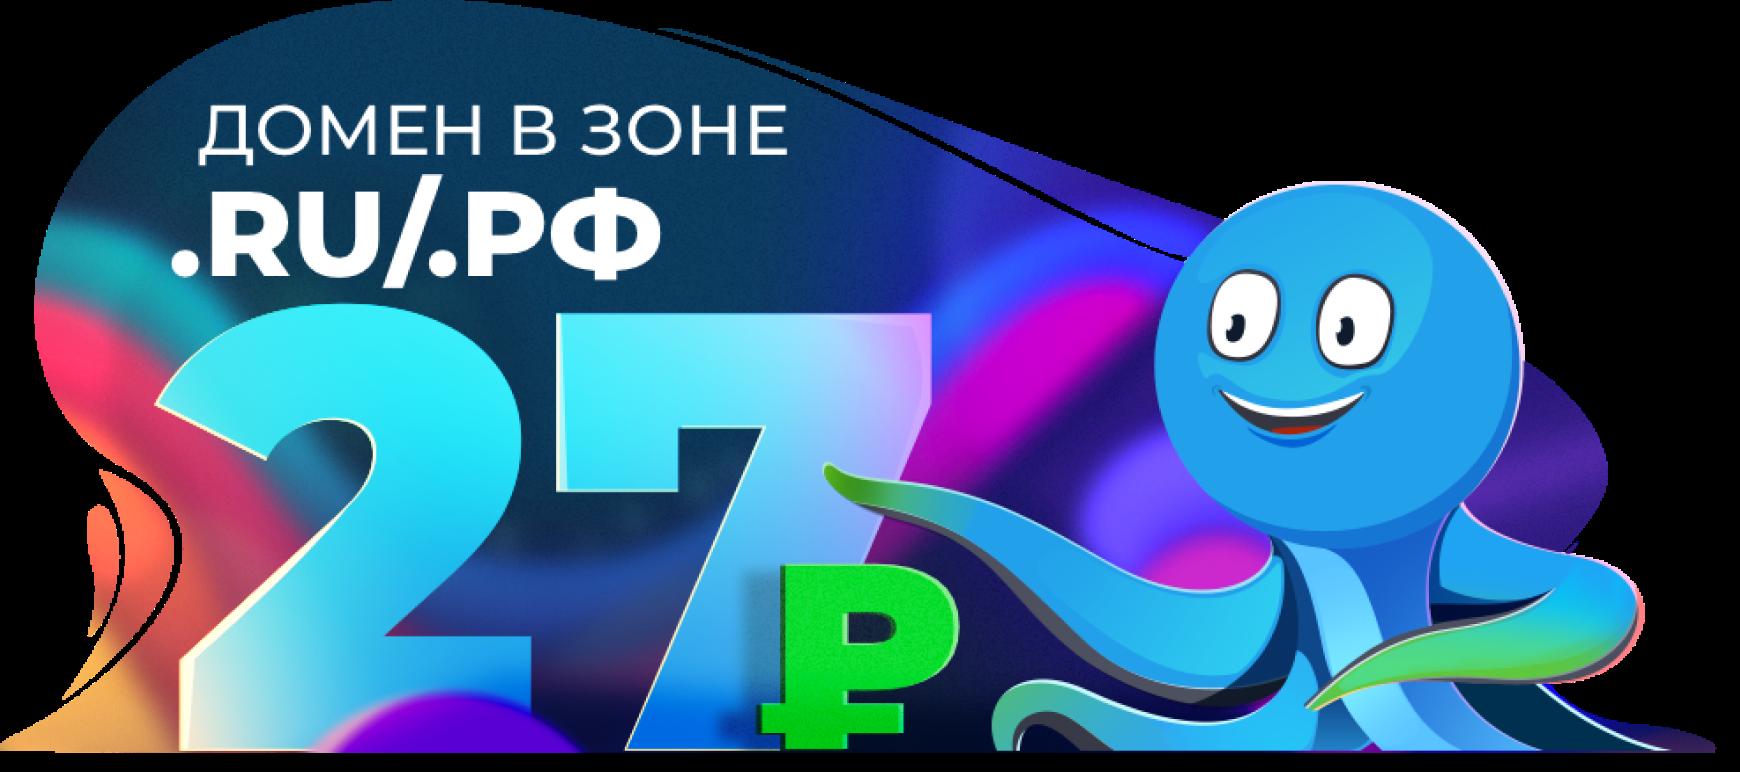 27 лет Рунету